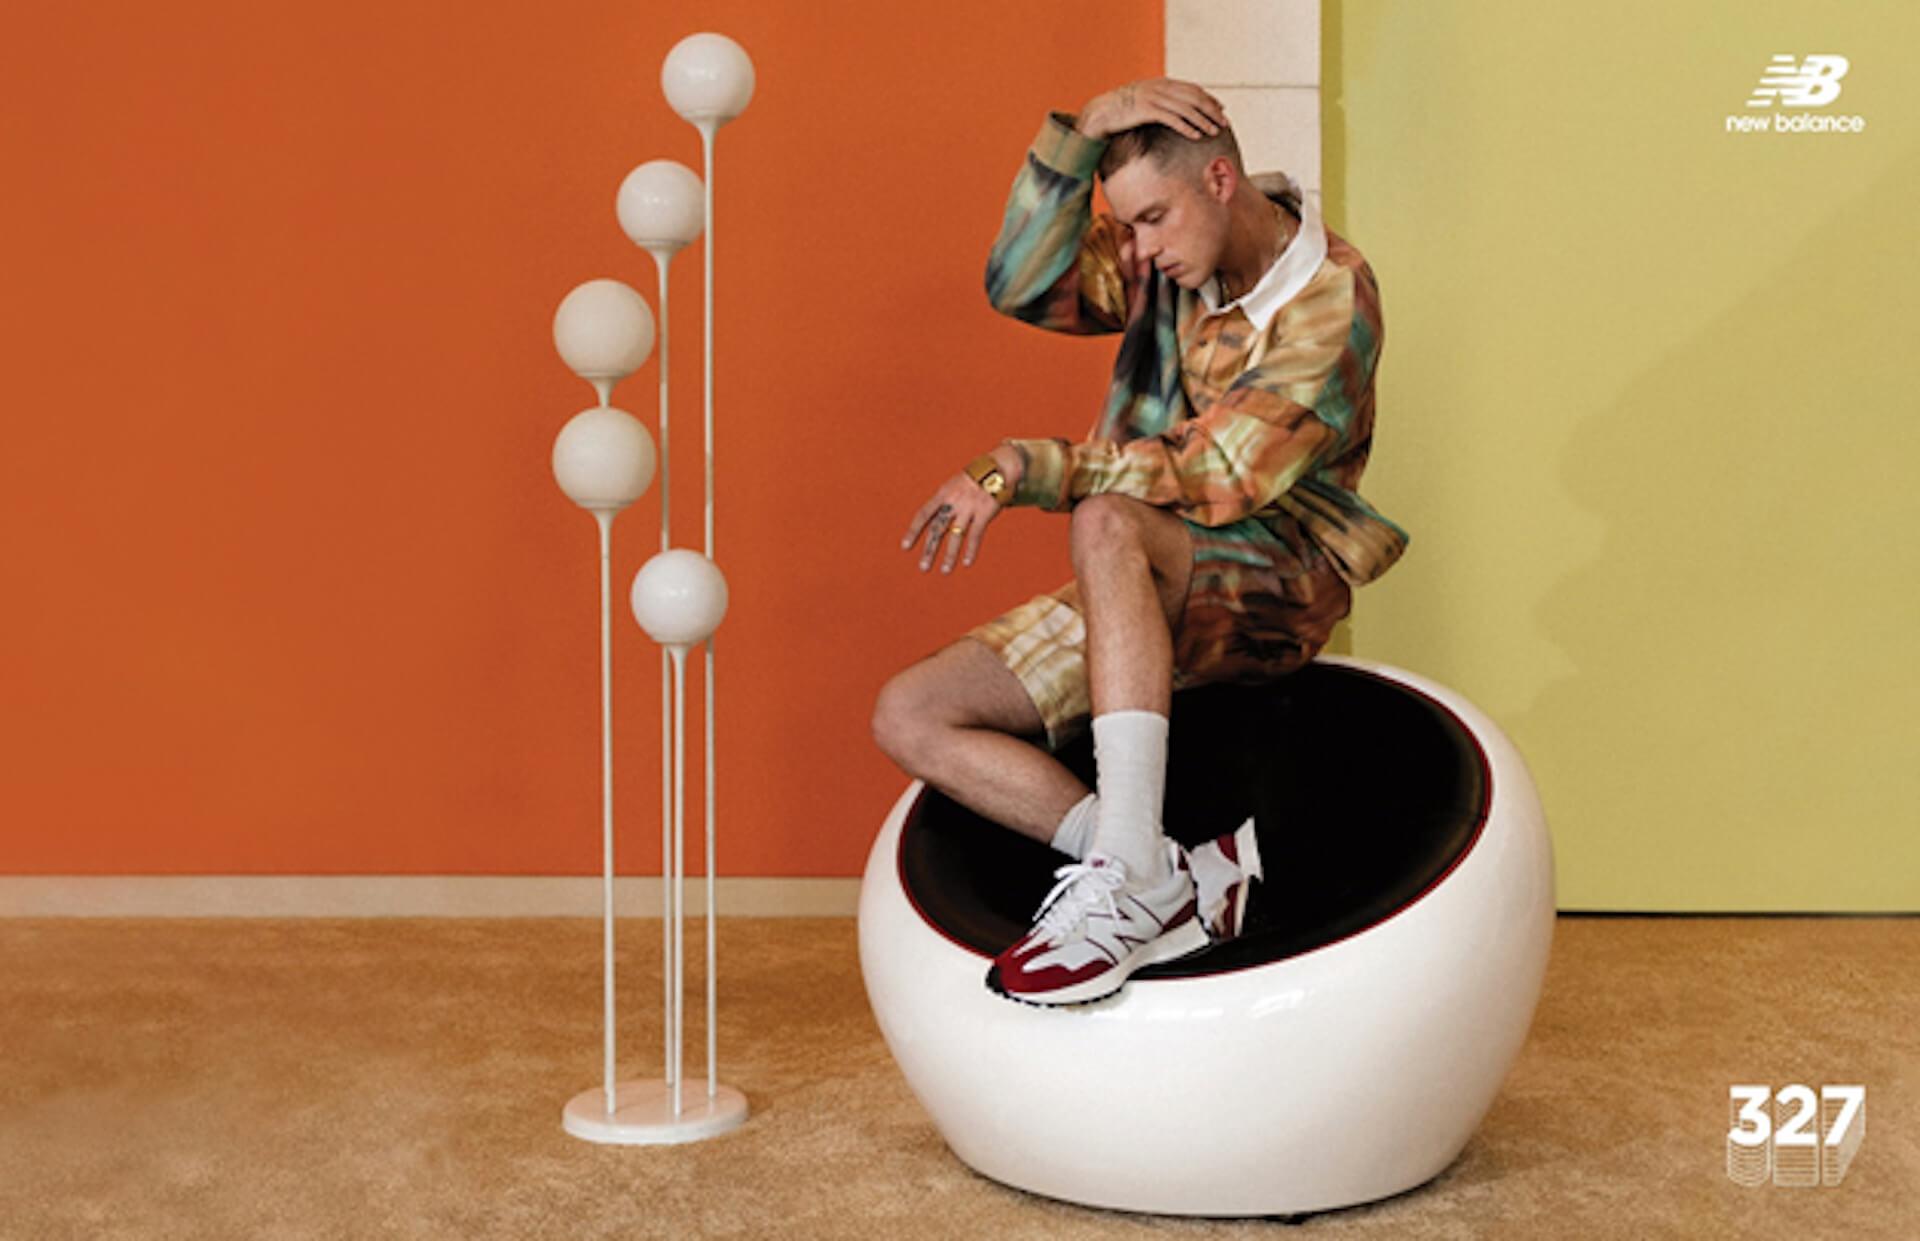 ニューバランスの人気モデル「327」に新色『327 primary pack』が登場!キャンペーンビジュアルにはハリー・ハドソンを起用 fashion20128_newbalance_327primarypack_1